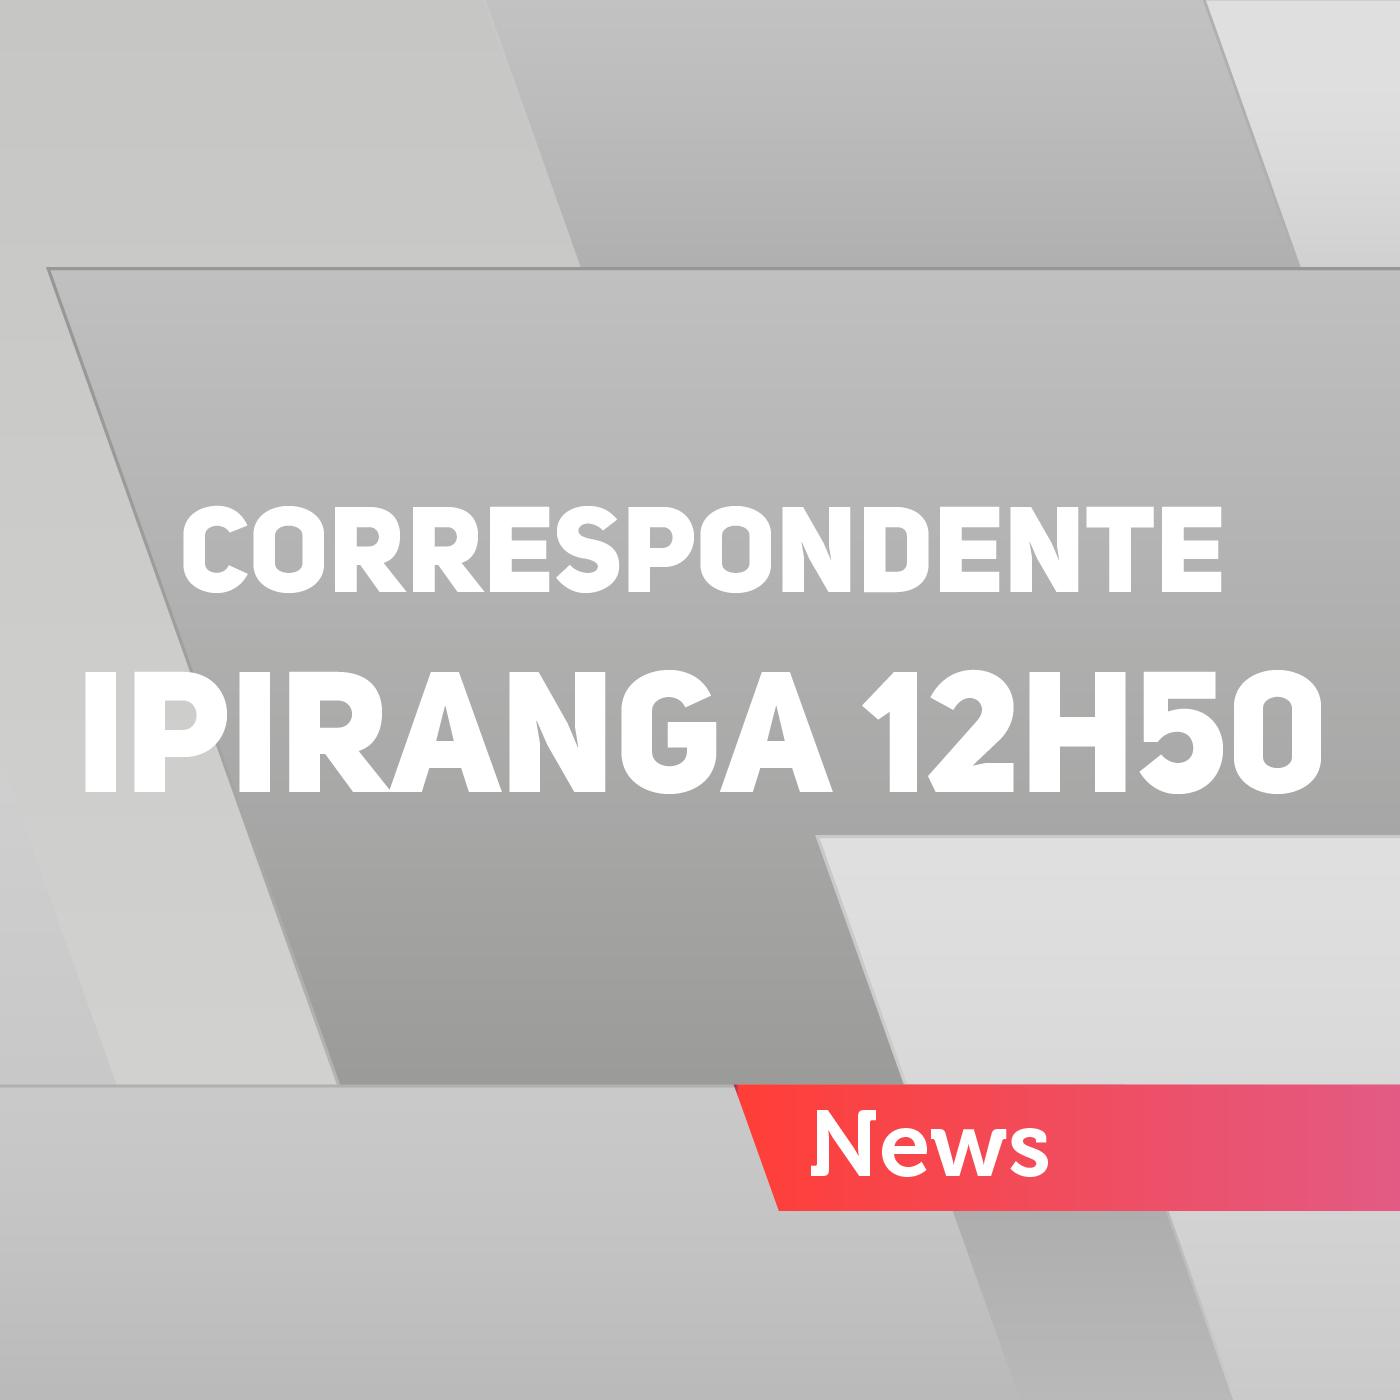 Correspondente Ipiranga 12h50 24/09/2017